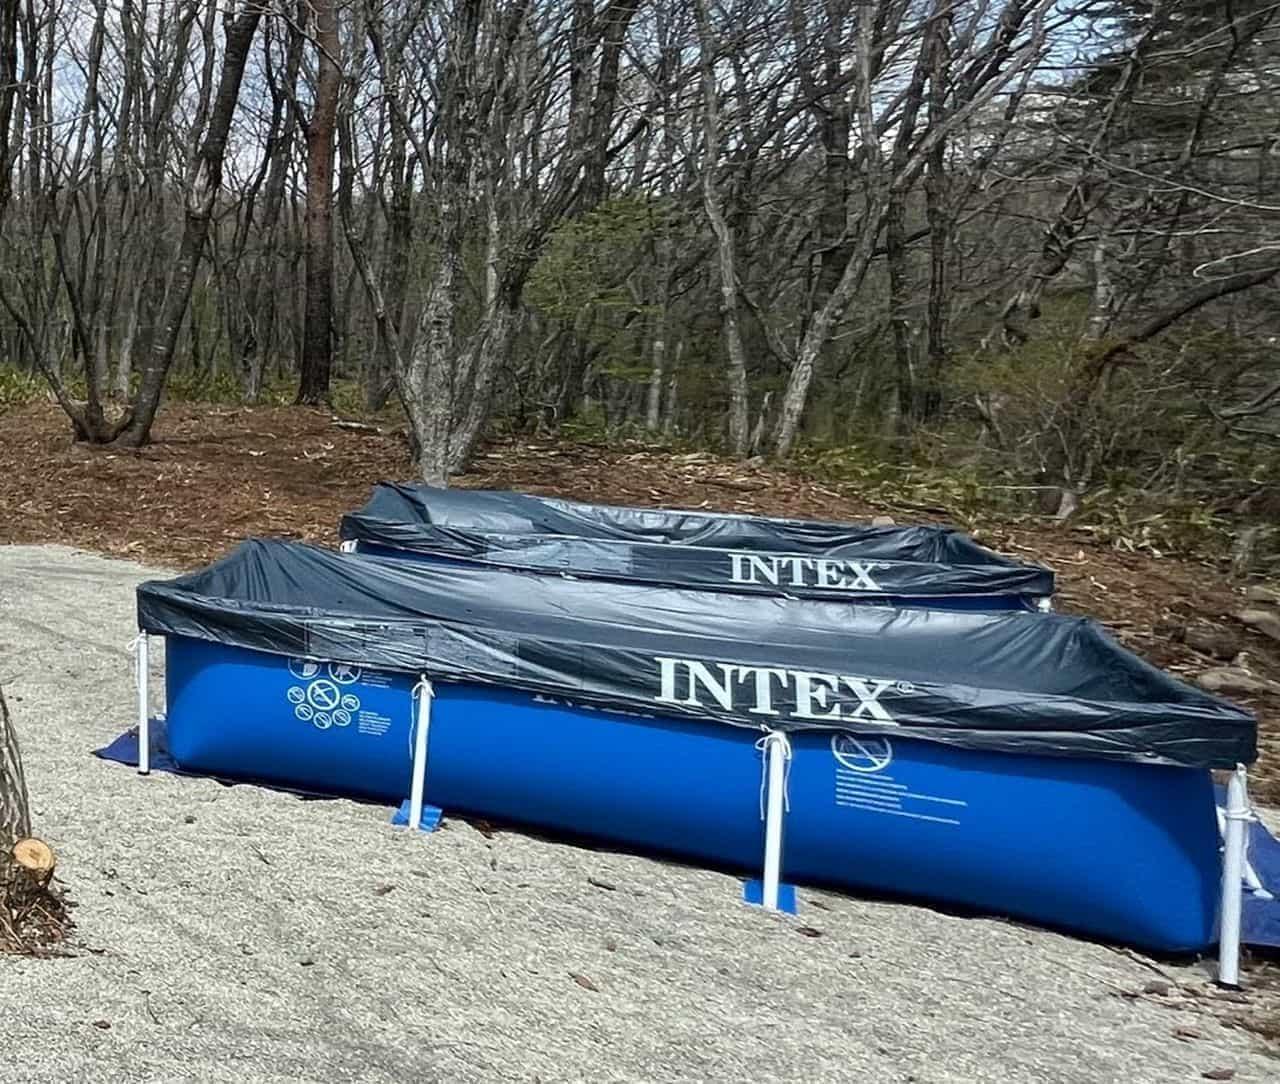 貸し切りテント型のアウトドアサウナ「森のサウナ」那須白河にオープン